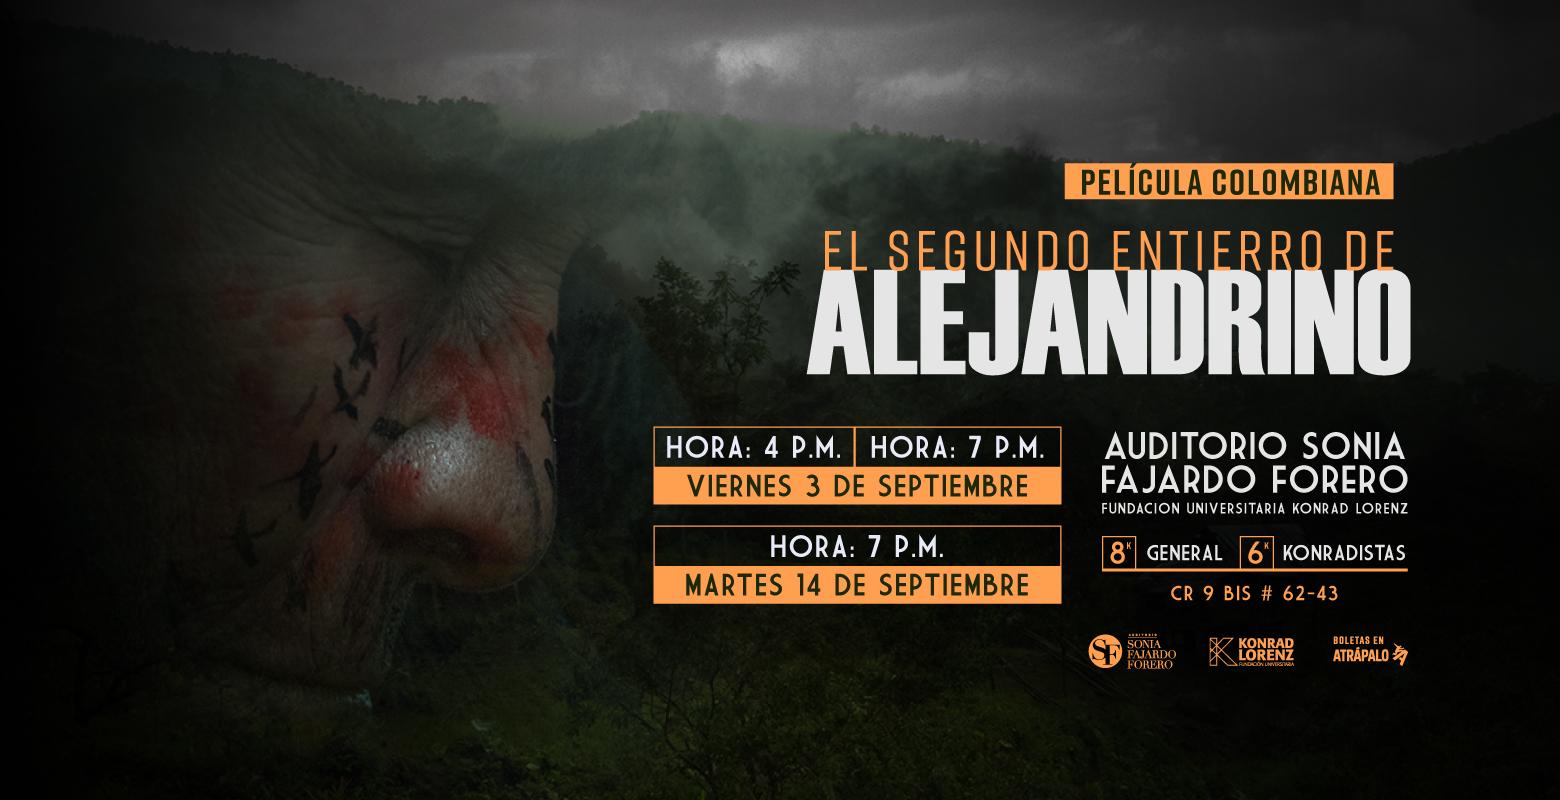 Película Colombiana: El Segundo Entierro de Alejandrino